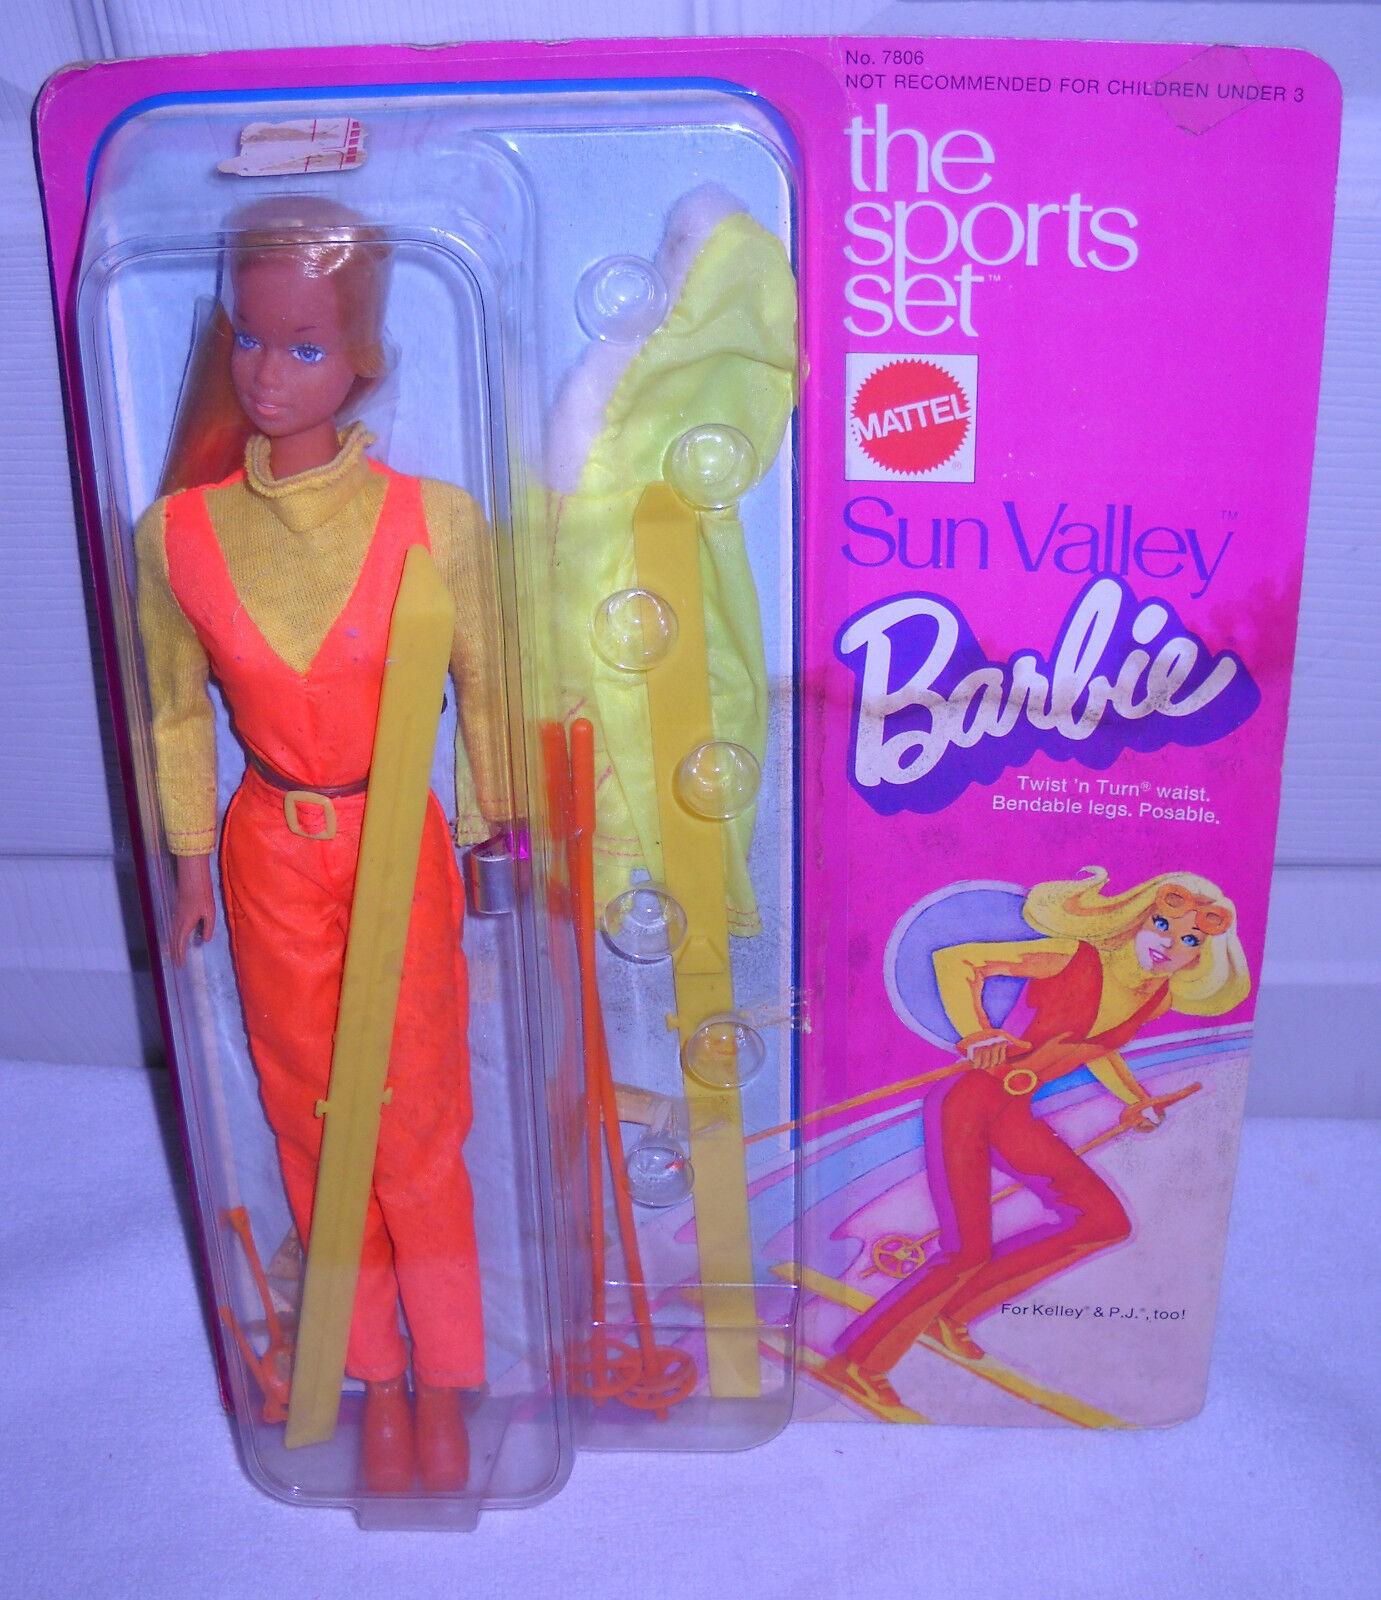 Juego De Deportes nrfc Vintage Mattel la muñeca Barbie Sun Valley